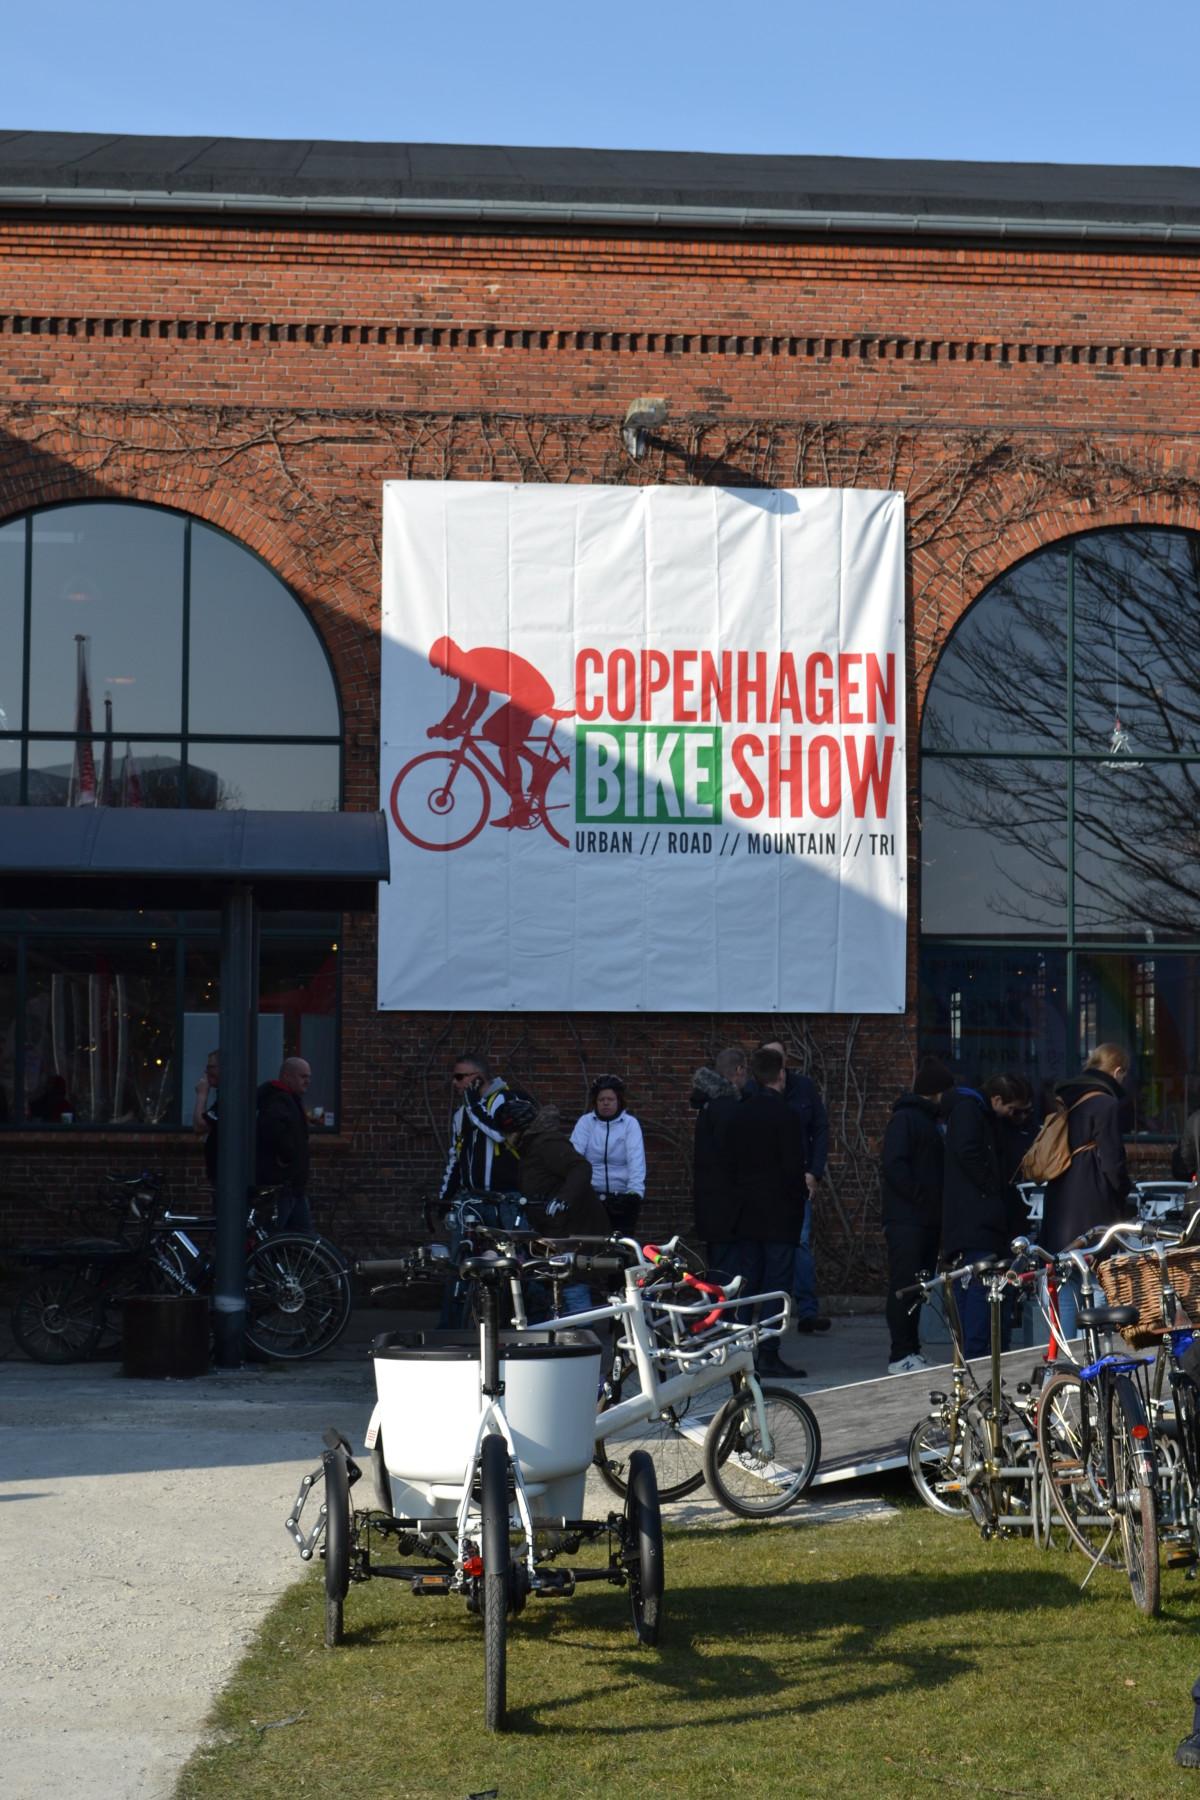 Copenhagen Bike Show 2016 – Happyride.se